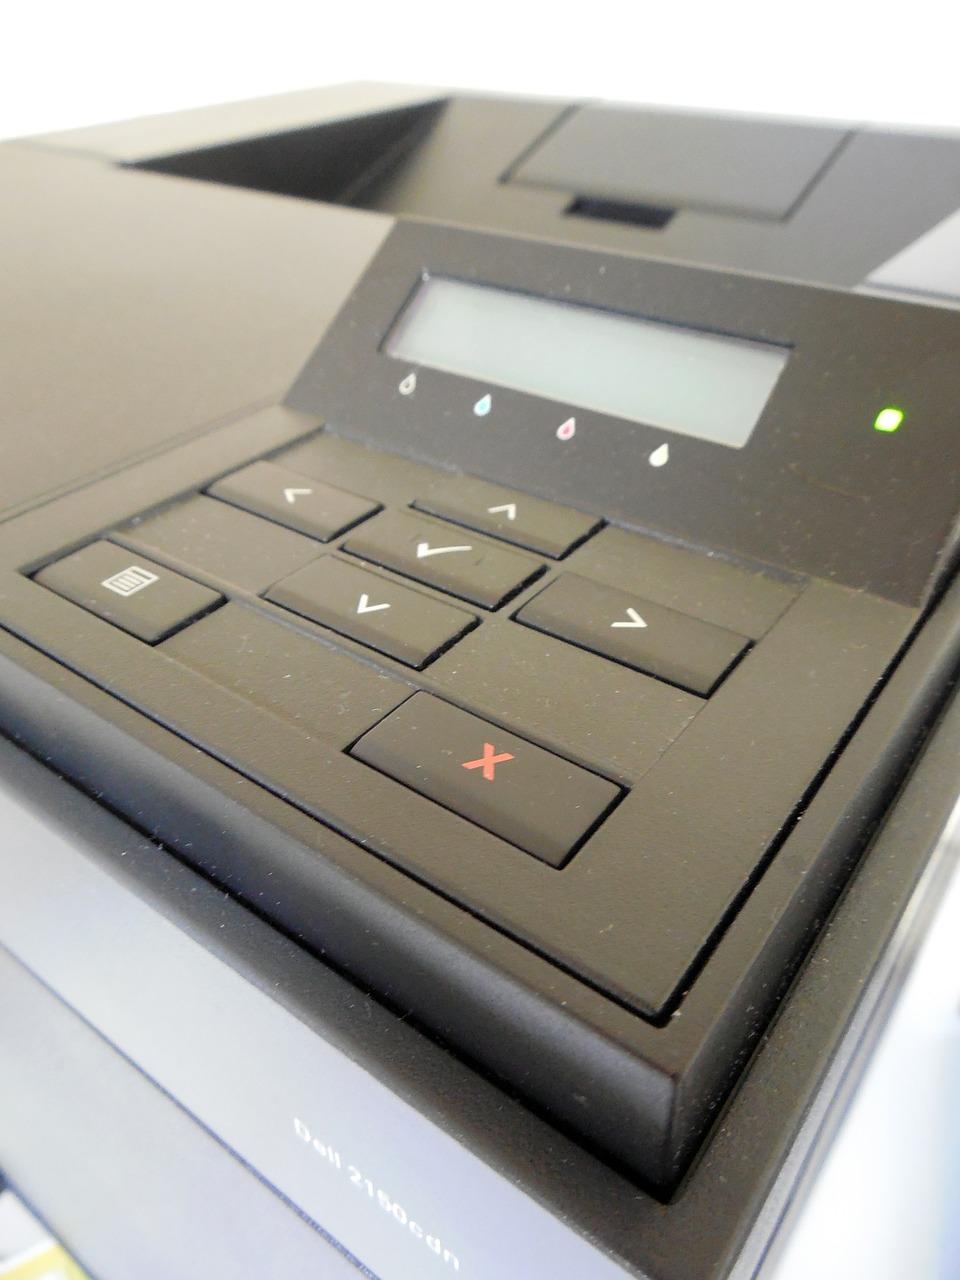 Modelos de impresoras Canon para el hogar